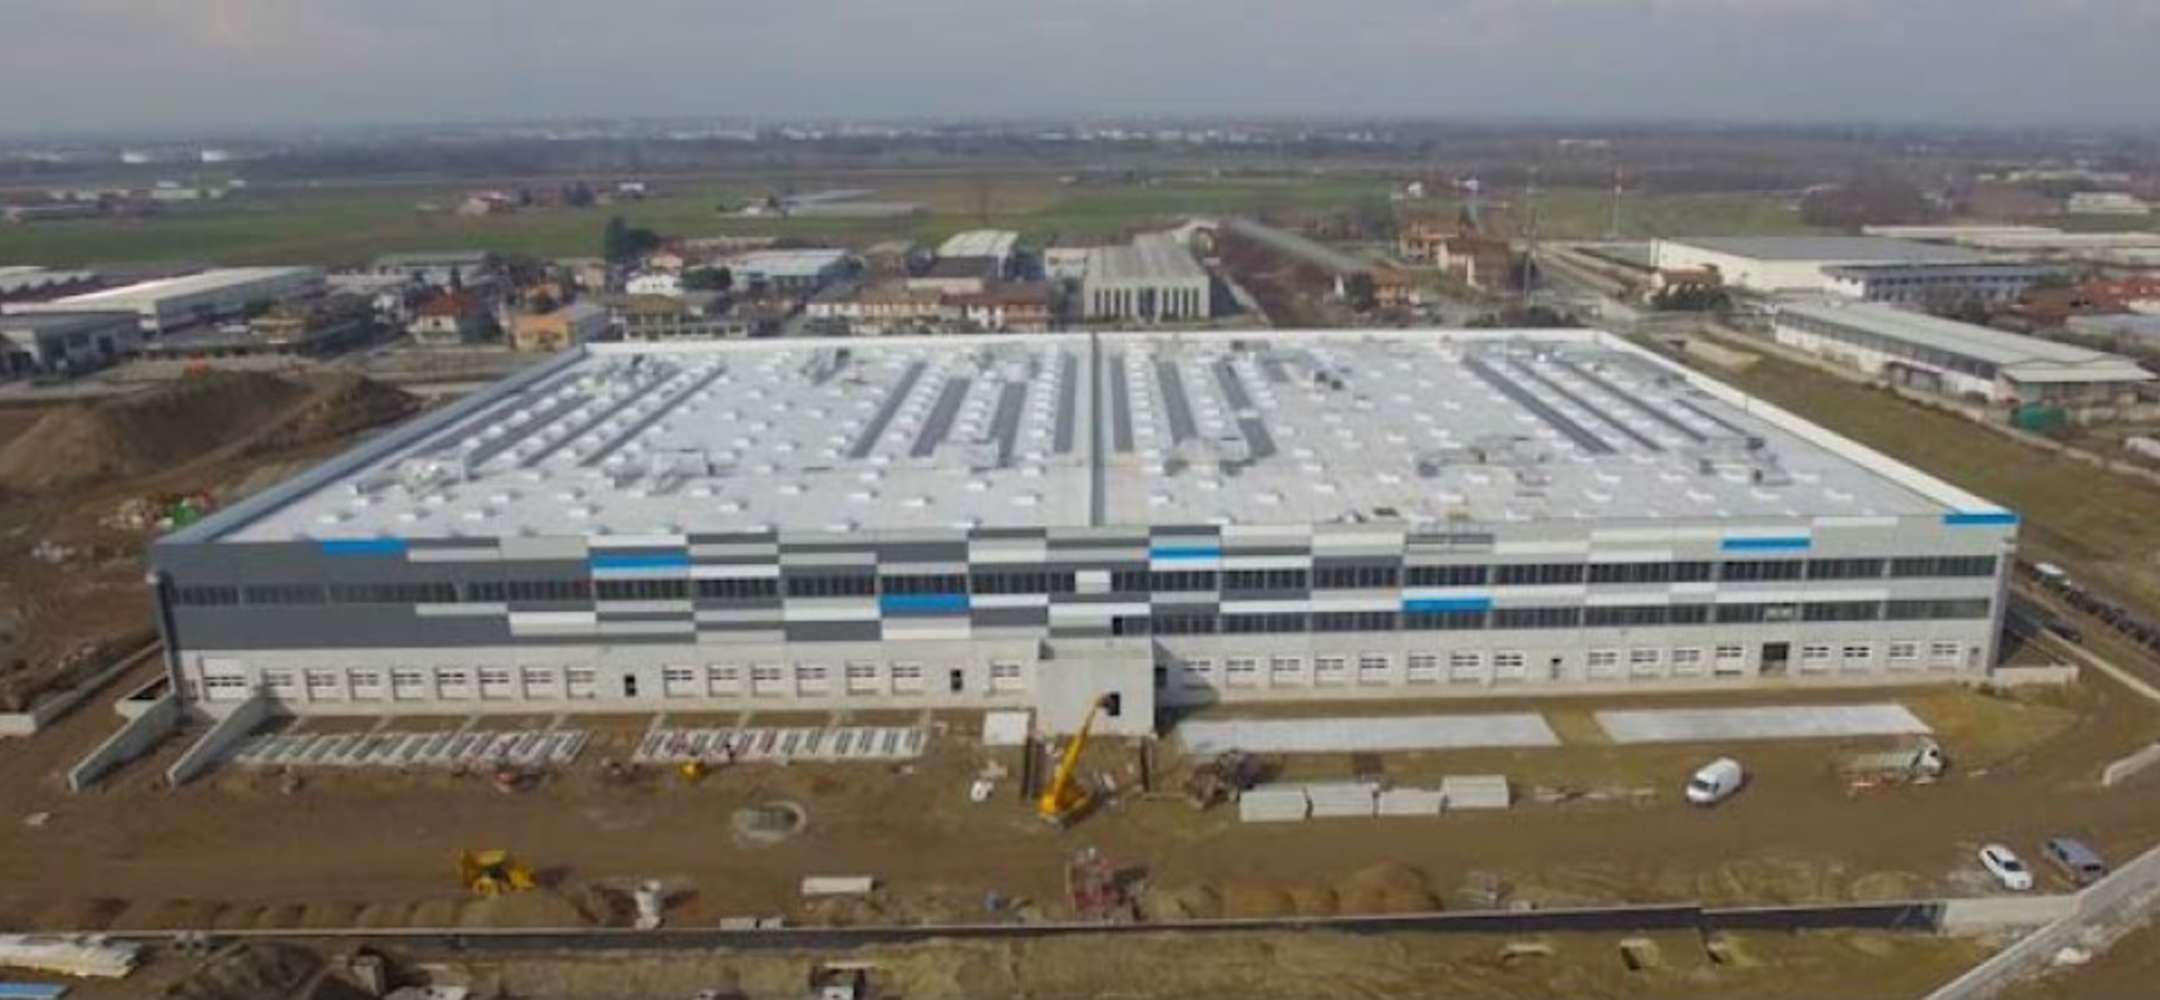 Magazzini industriali e logistici Torino, 10032 - VAILOG East Turin Logistics Park - 8899792